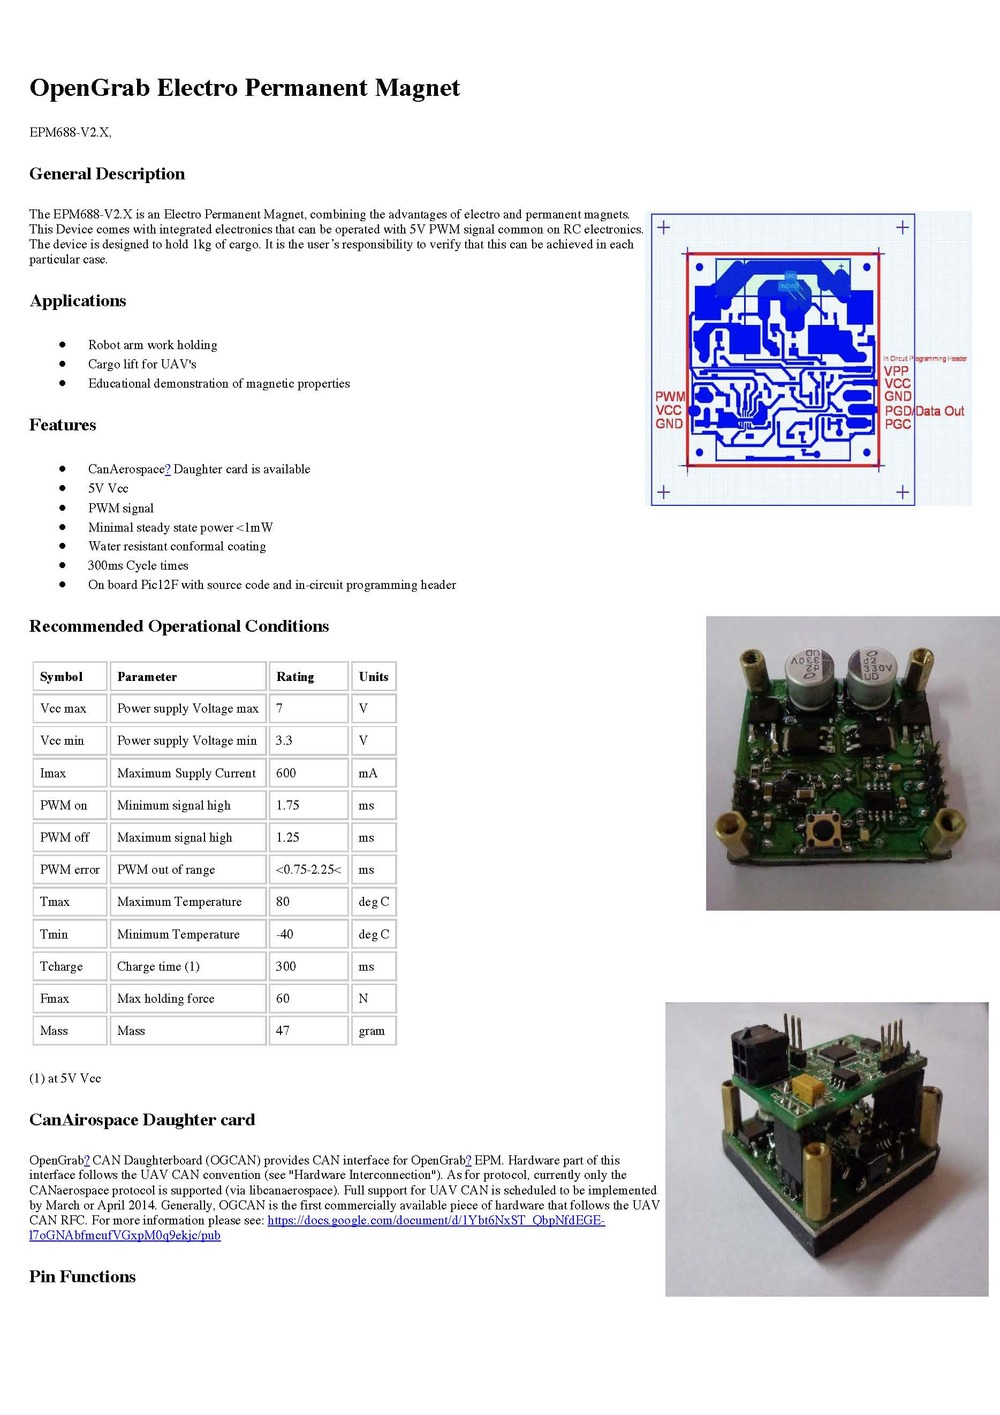 http://nicadrone.com/img/Datasheet%20EPM688-V2.0.pdf